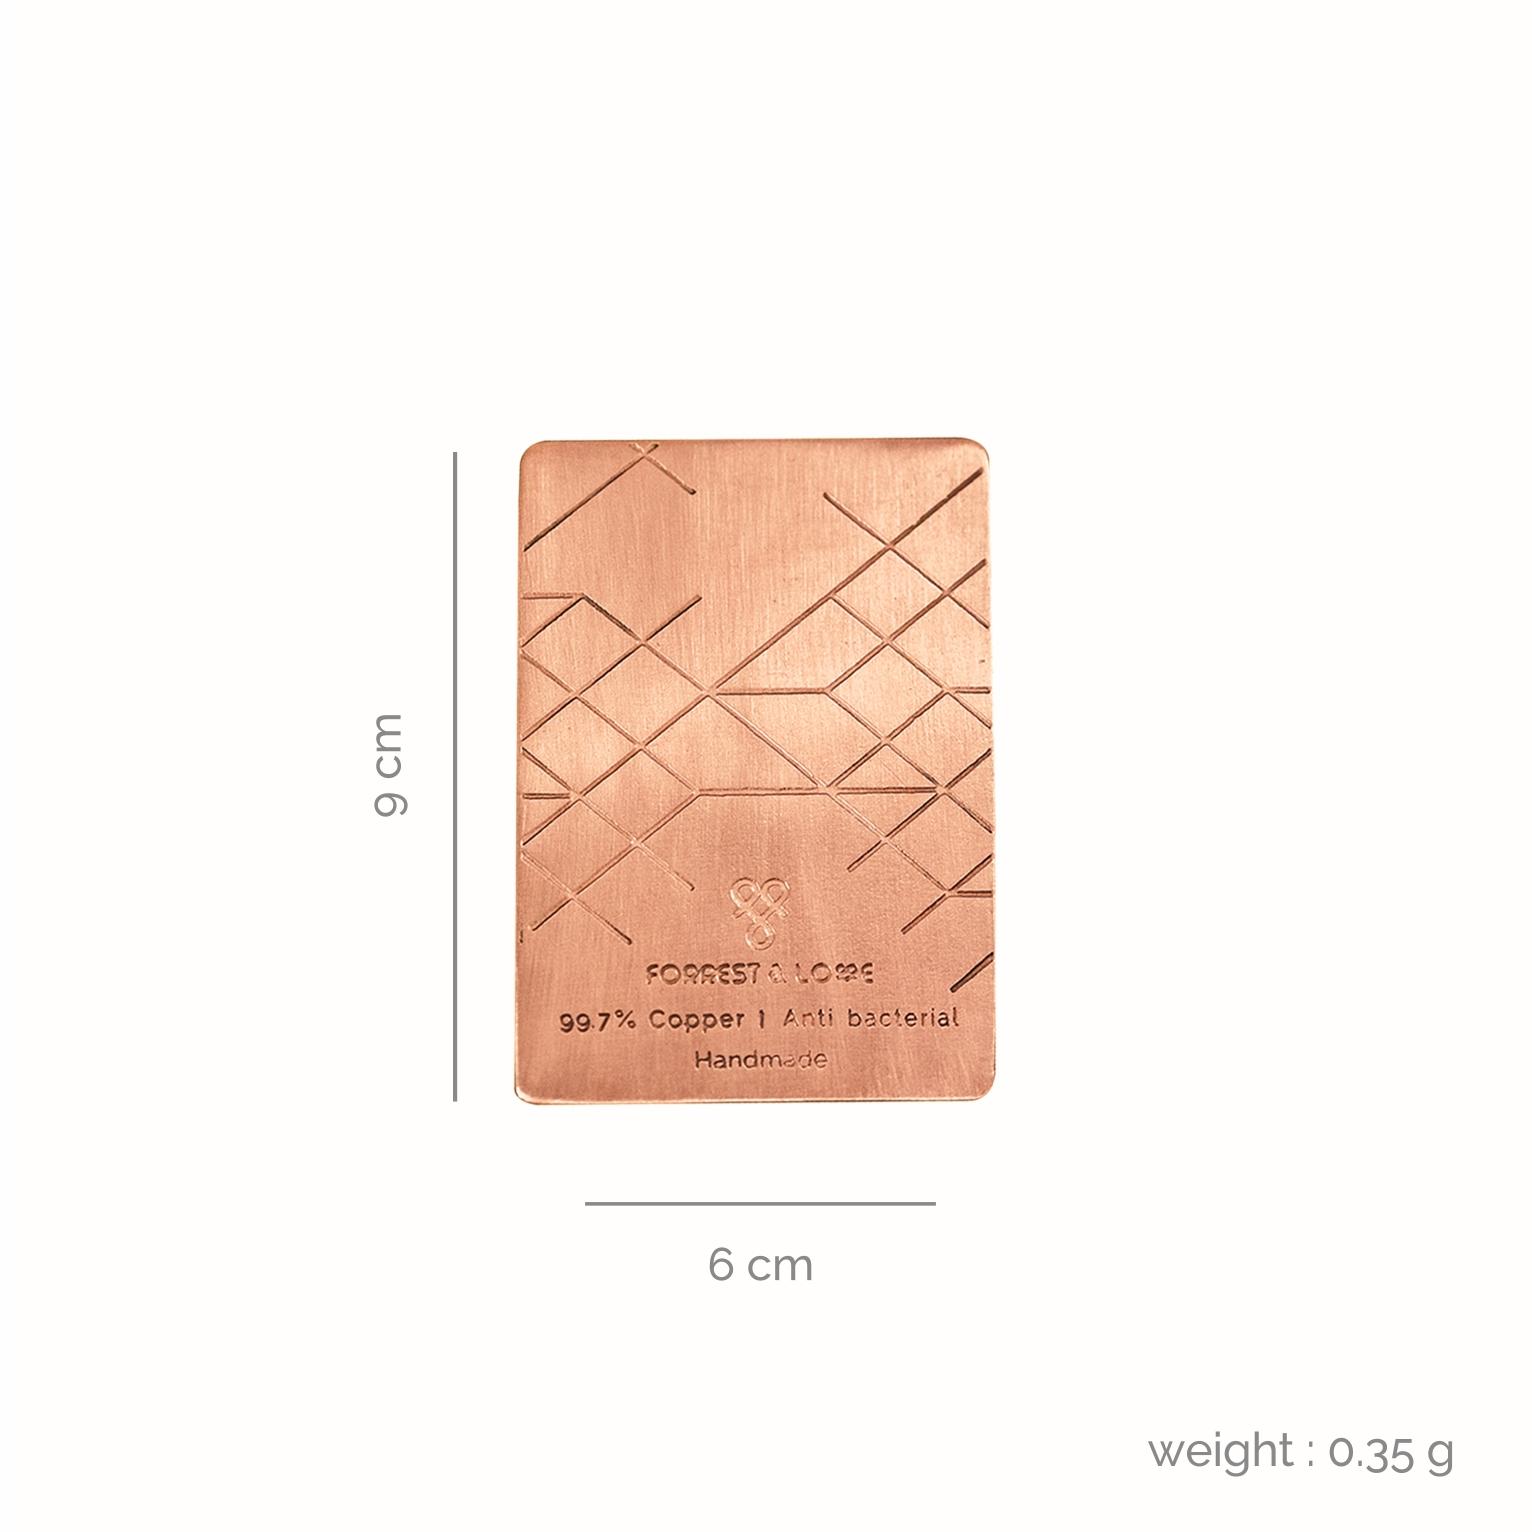 copper patch